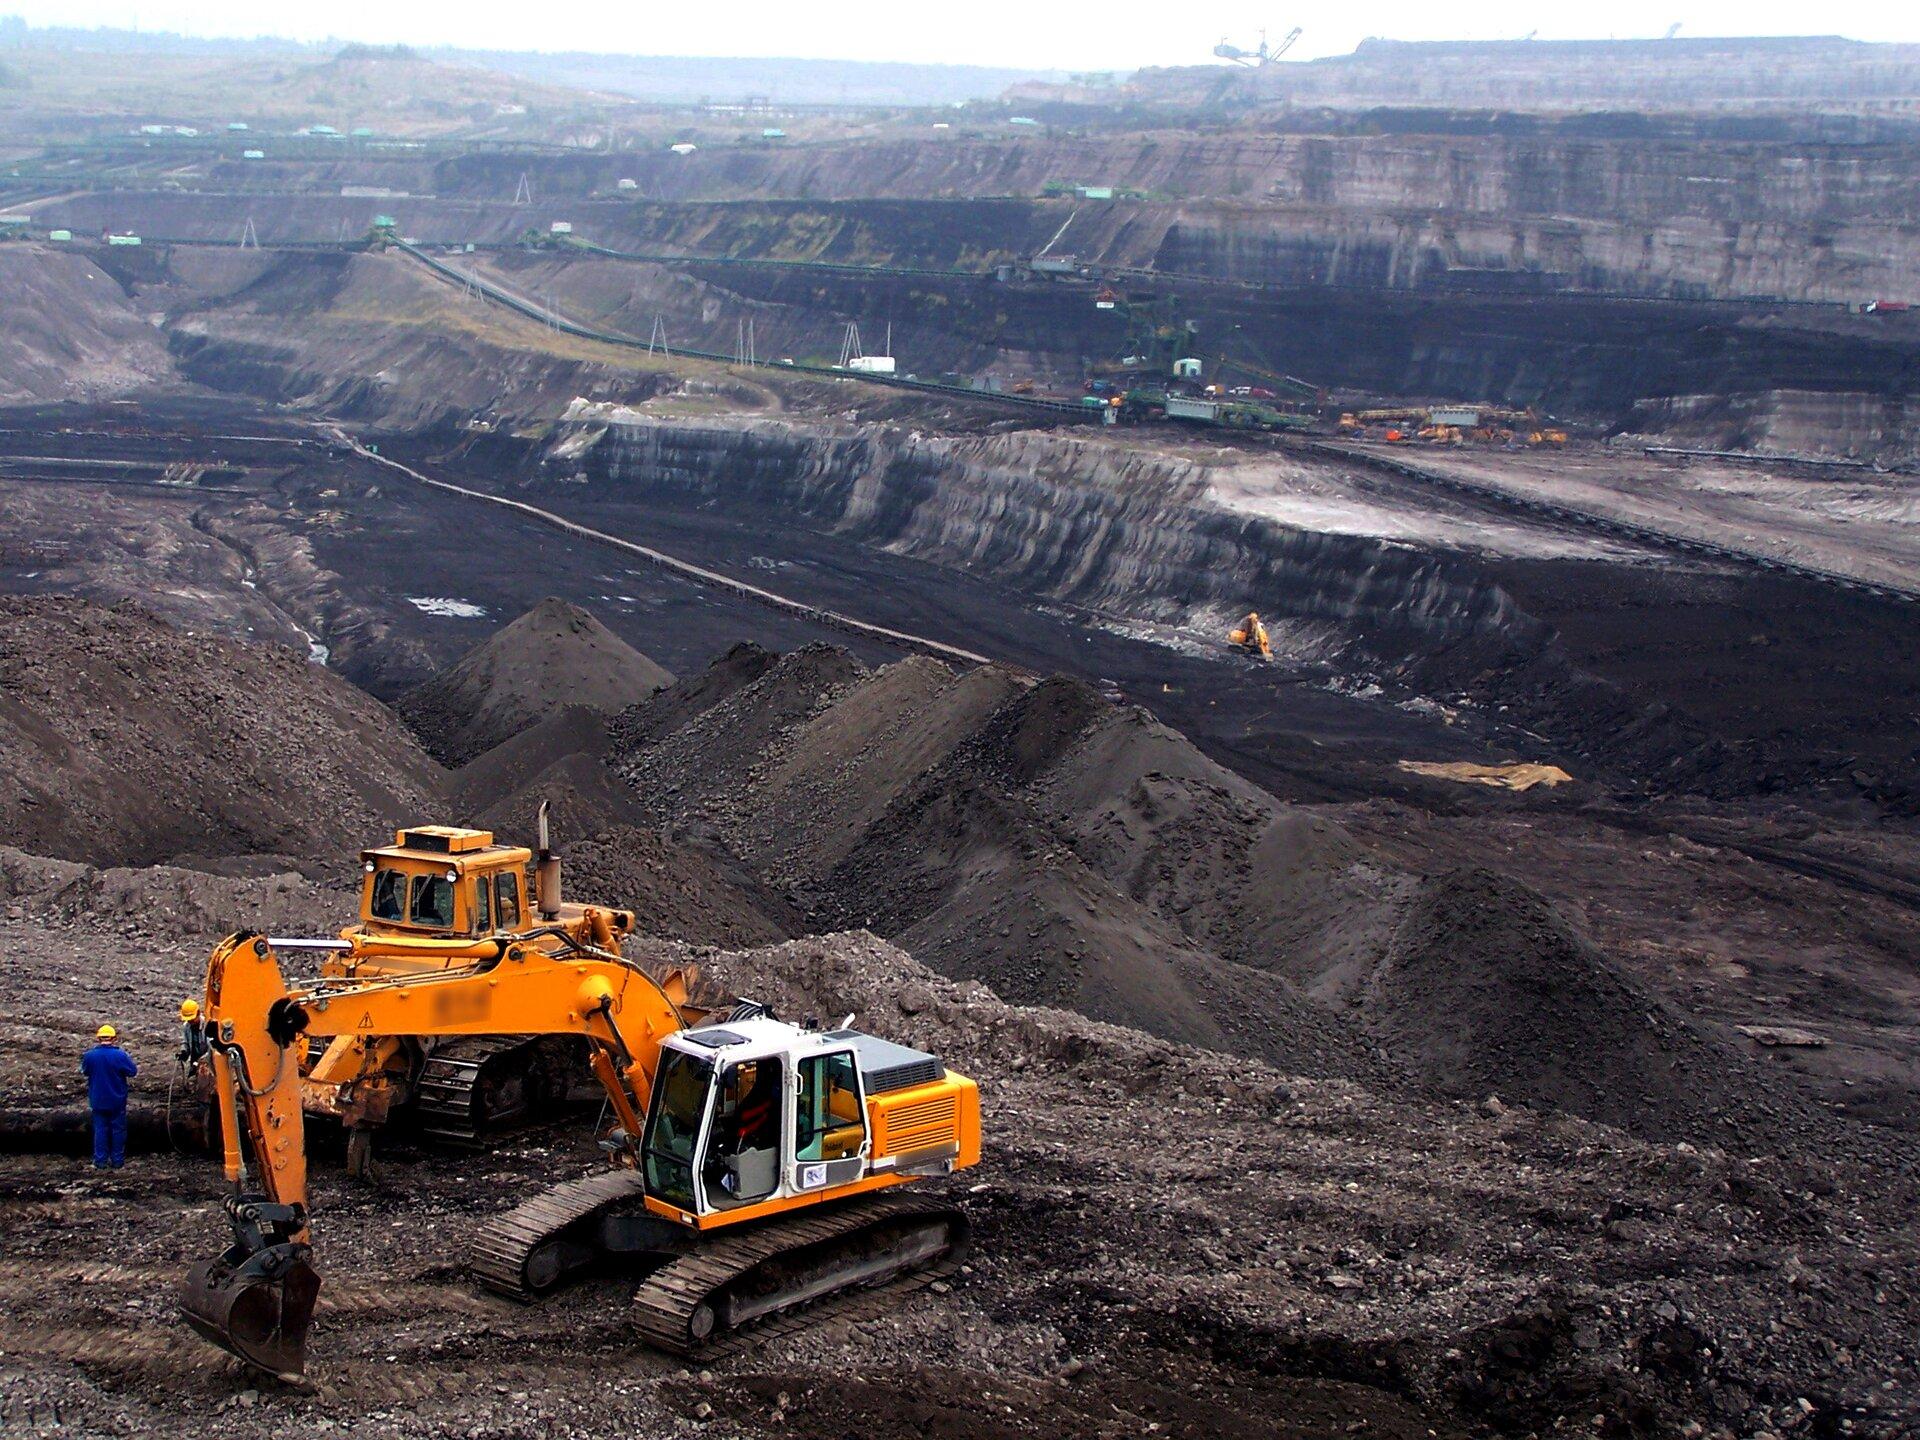 Na zdjęciu kopalnia odkrywkowa. Rozległe wyrobisko. Na pierwszym planie duże hałdy węgla iżółte koparki ipracownicy. Wtle kolejne maszyny.